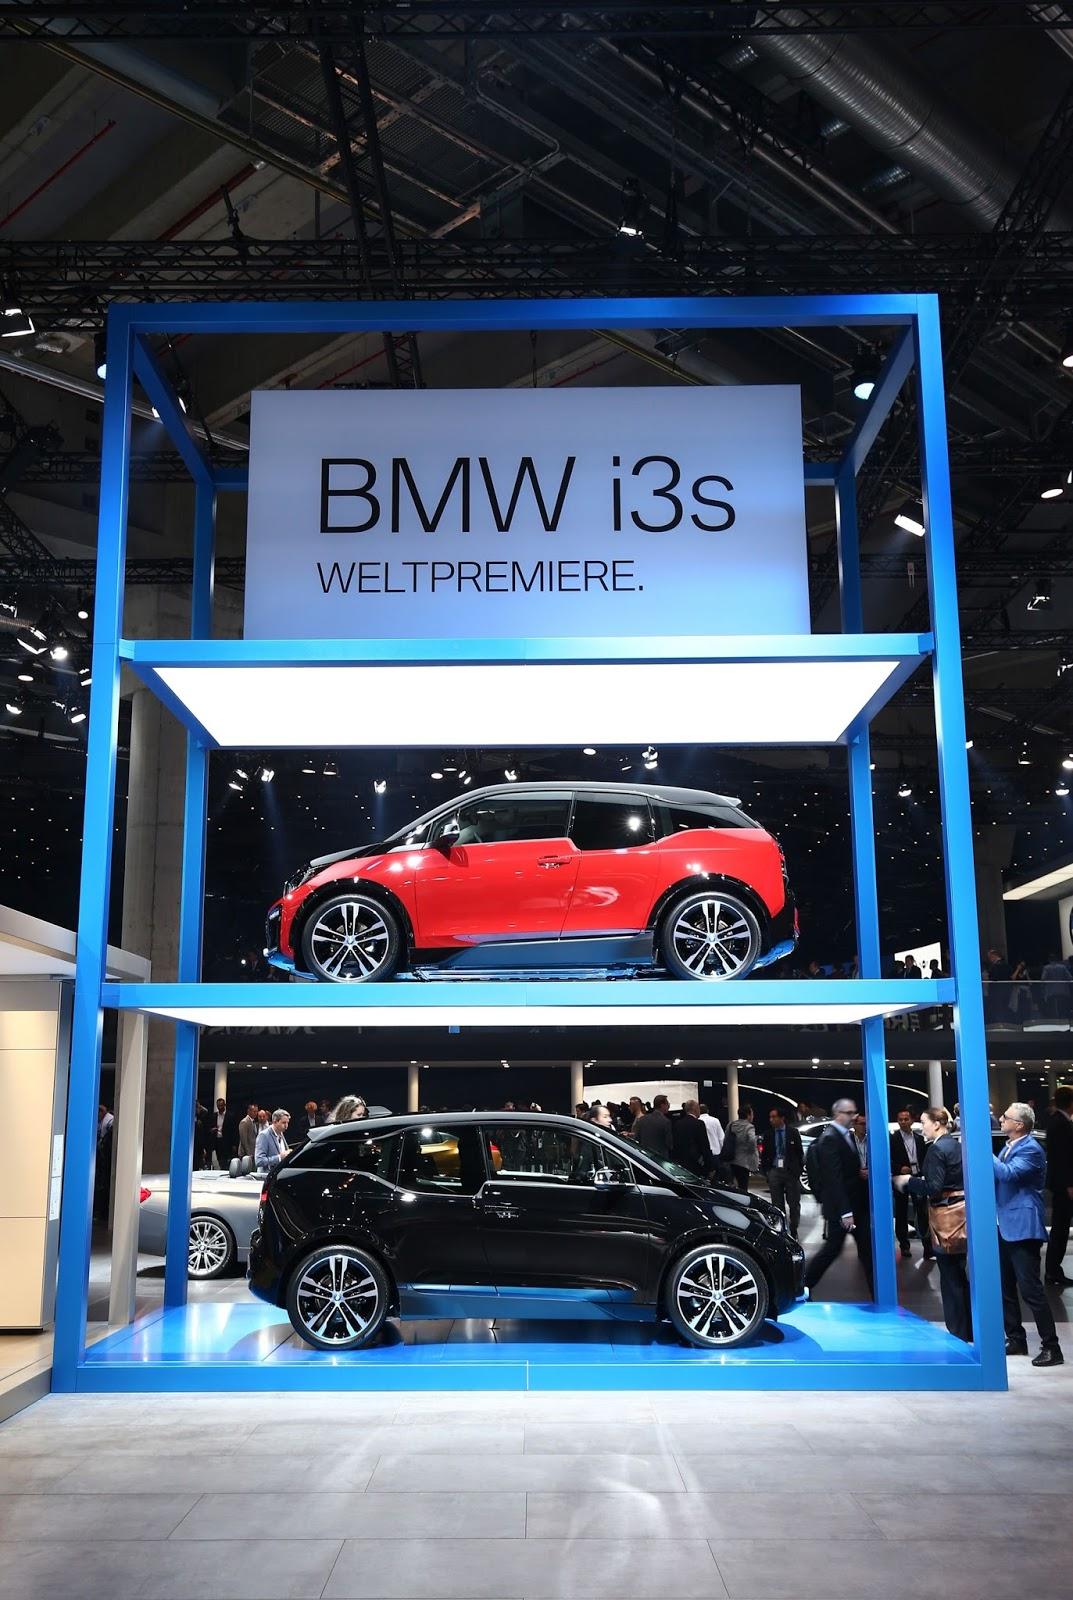 bmw-i3s-1.jpg (317.98 Kb)